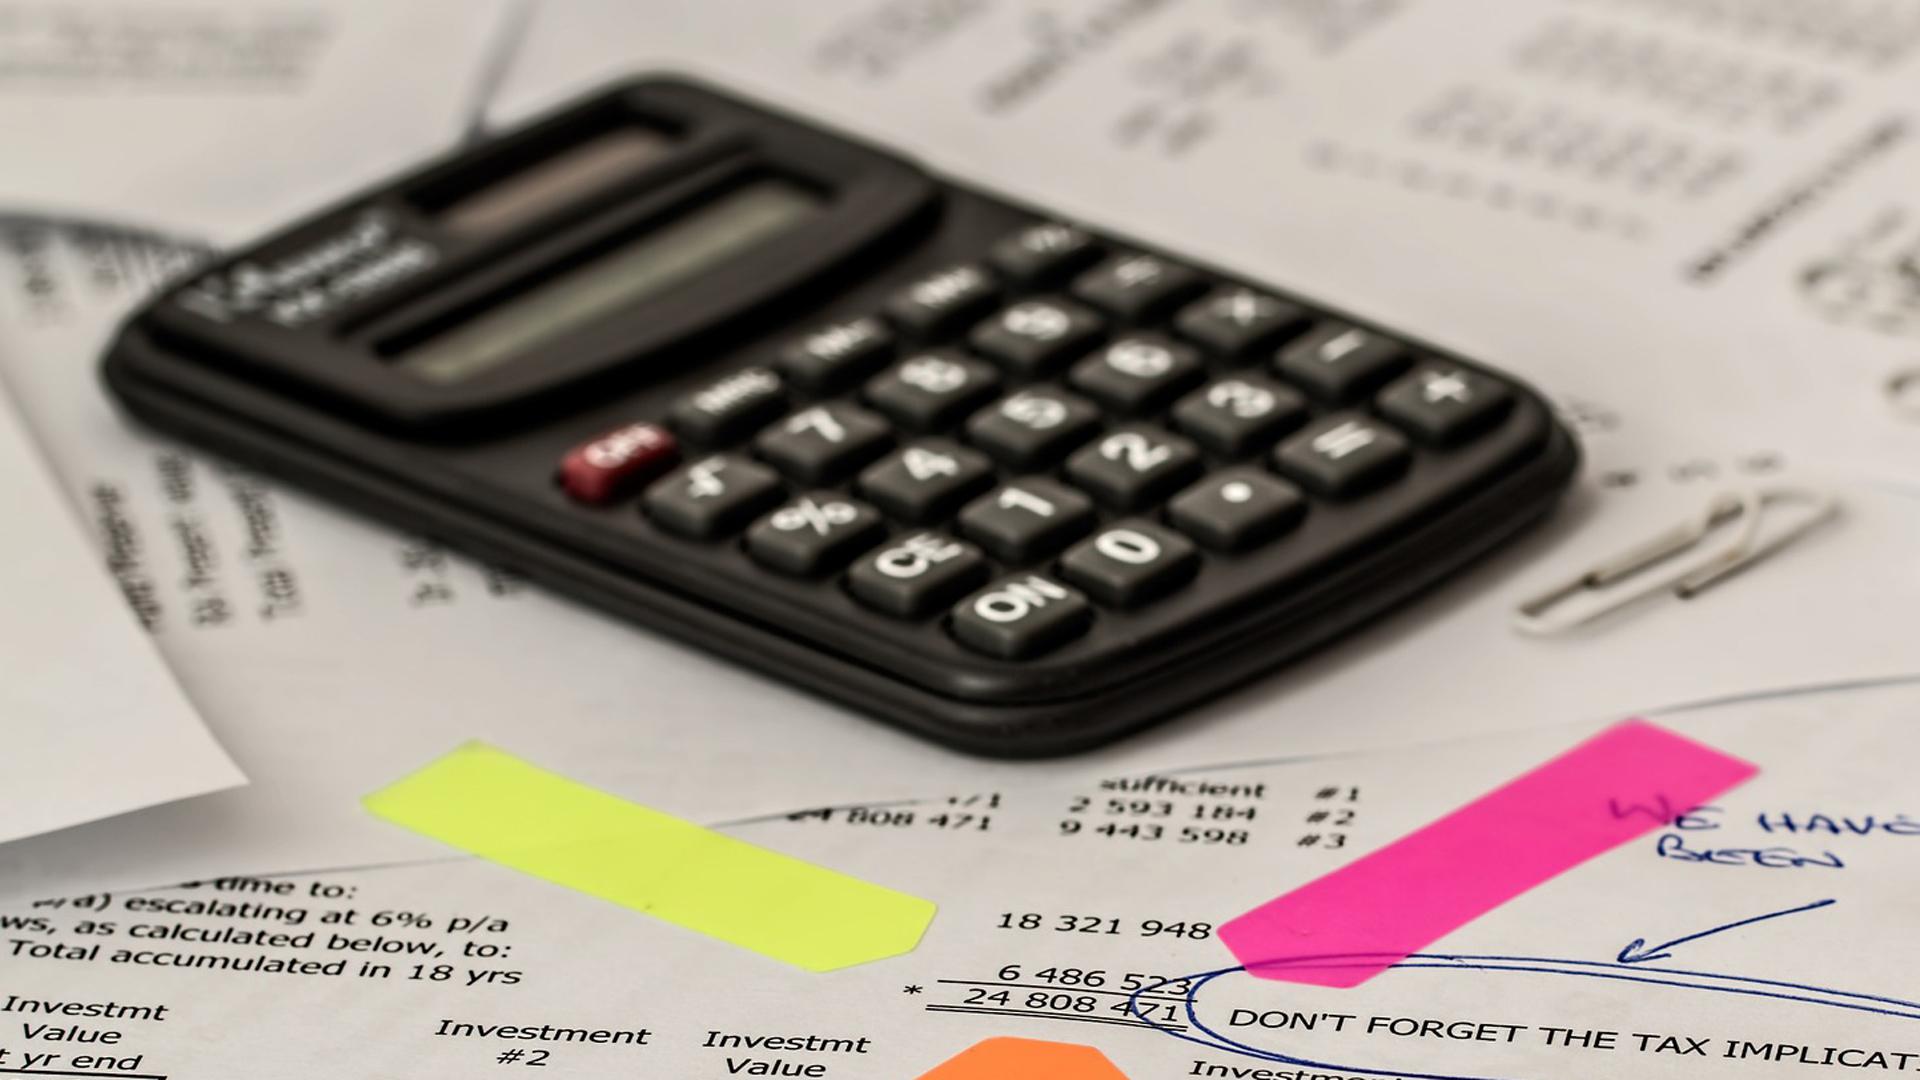 számológép fekszik a papíralapú adóbevalláson